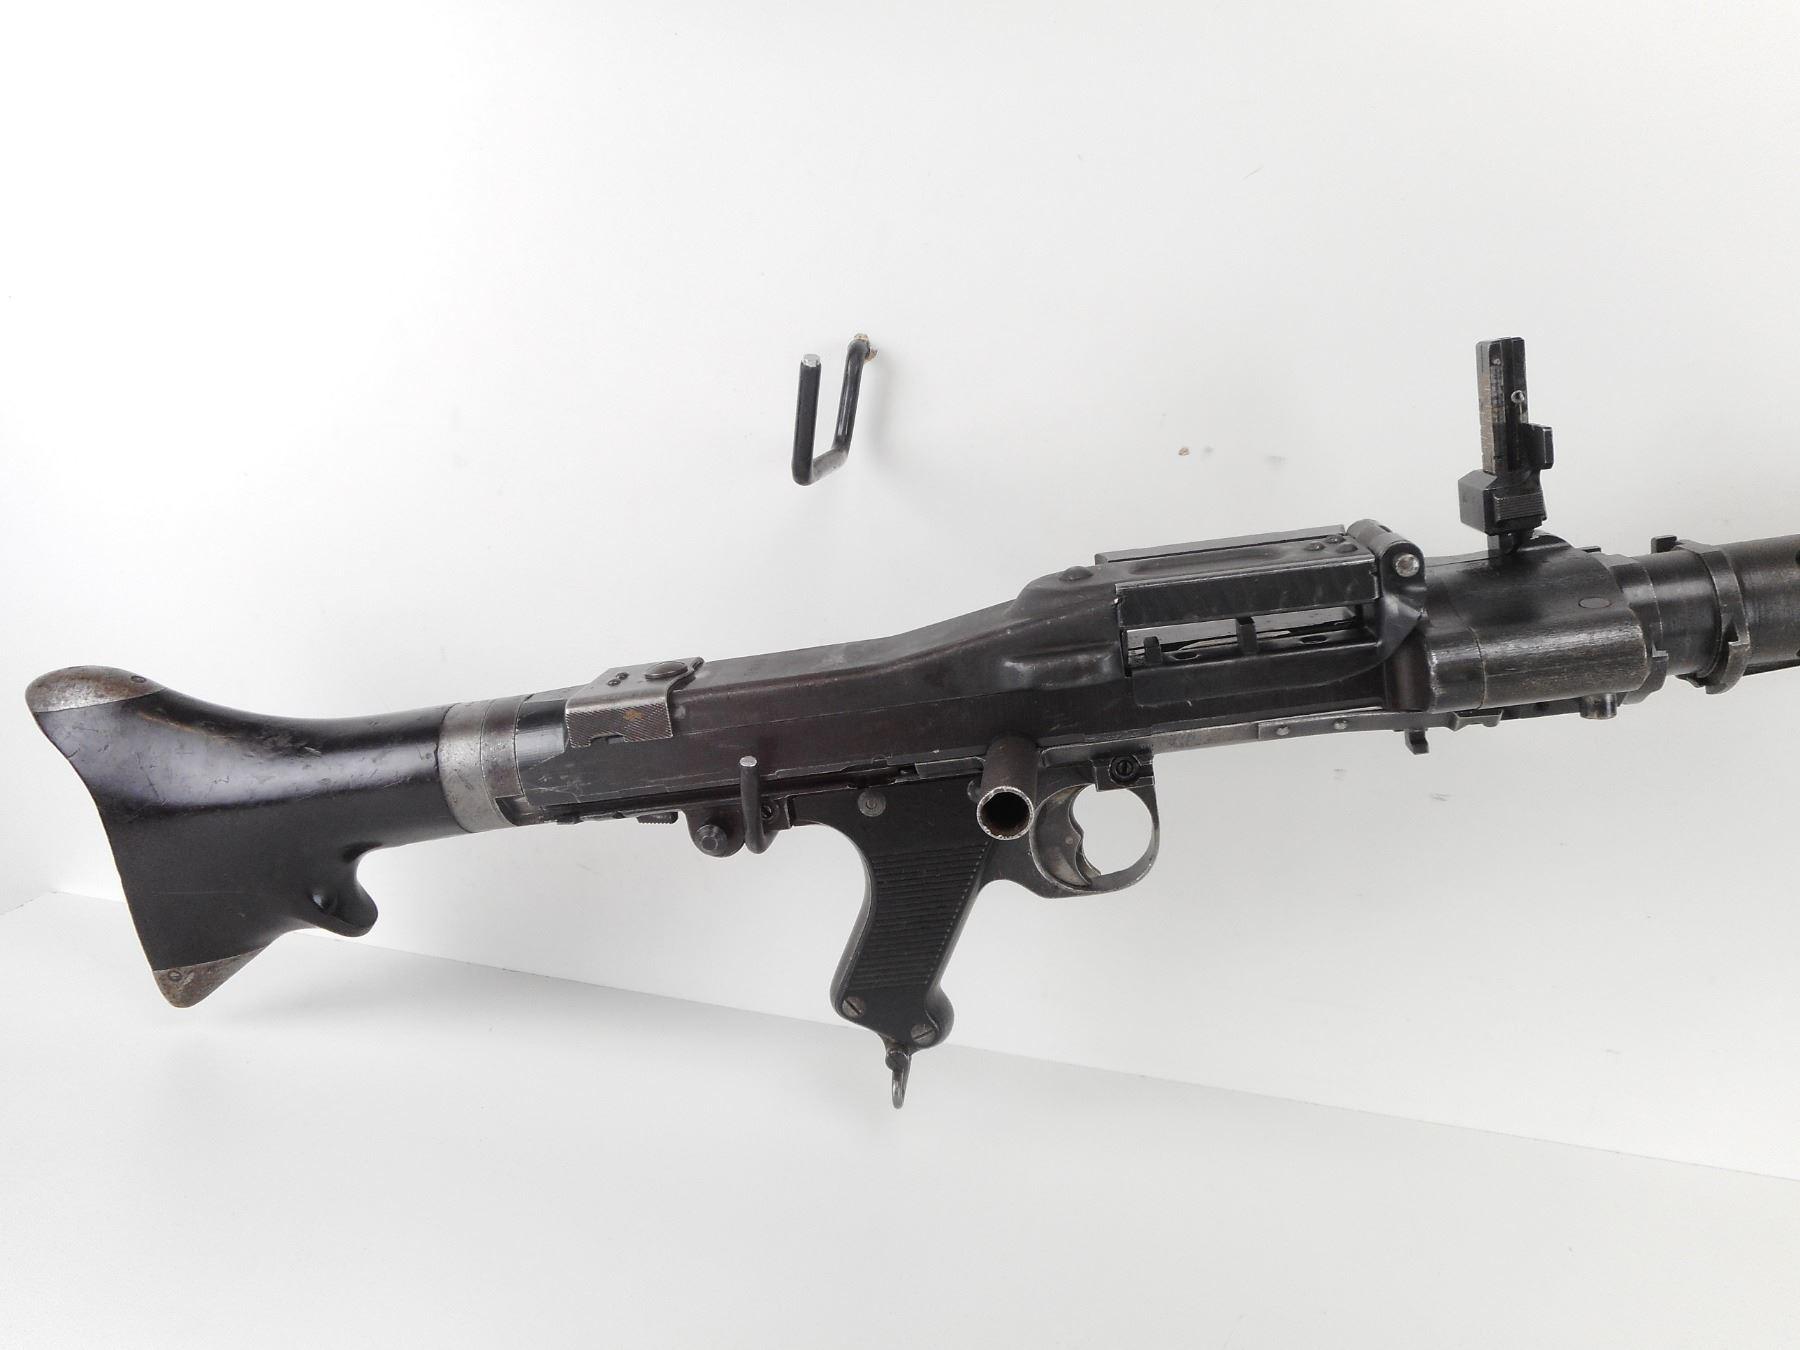 MG-34 Machine Gun (7.62x51) Semi - DriveTanks.com